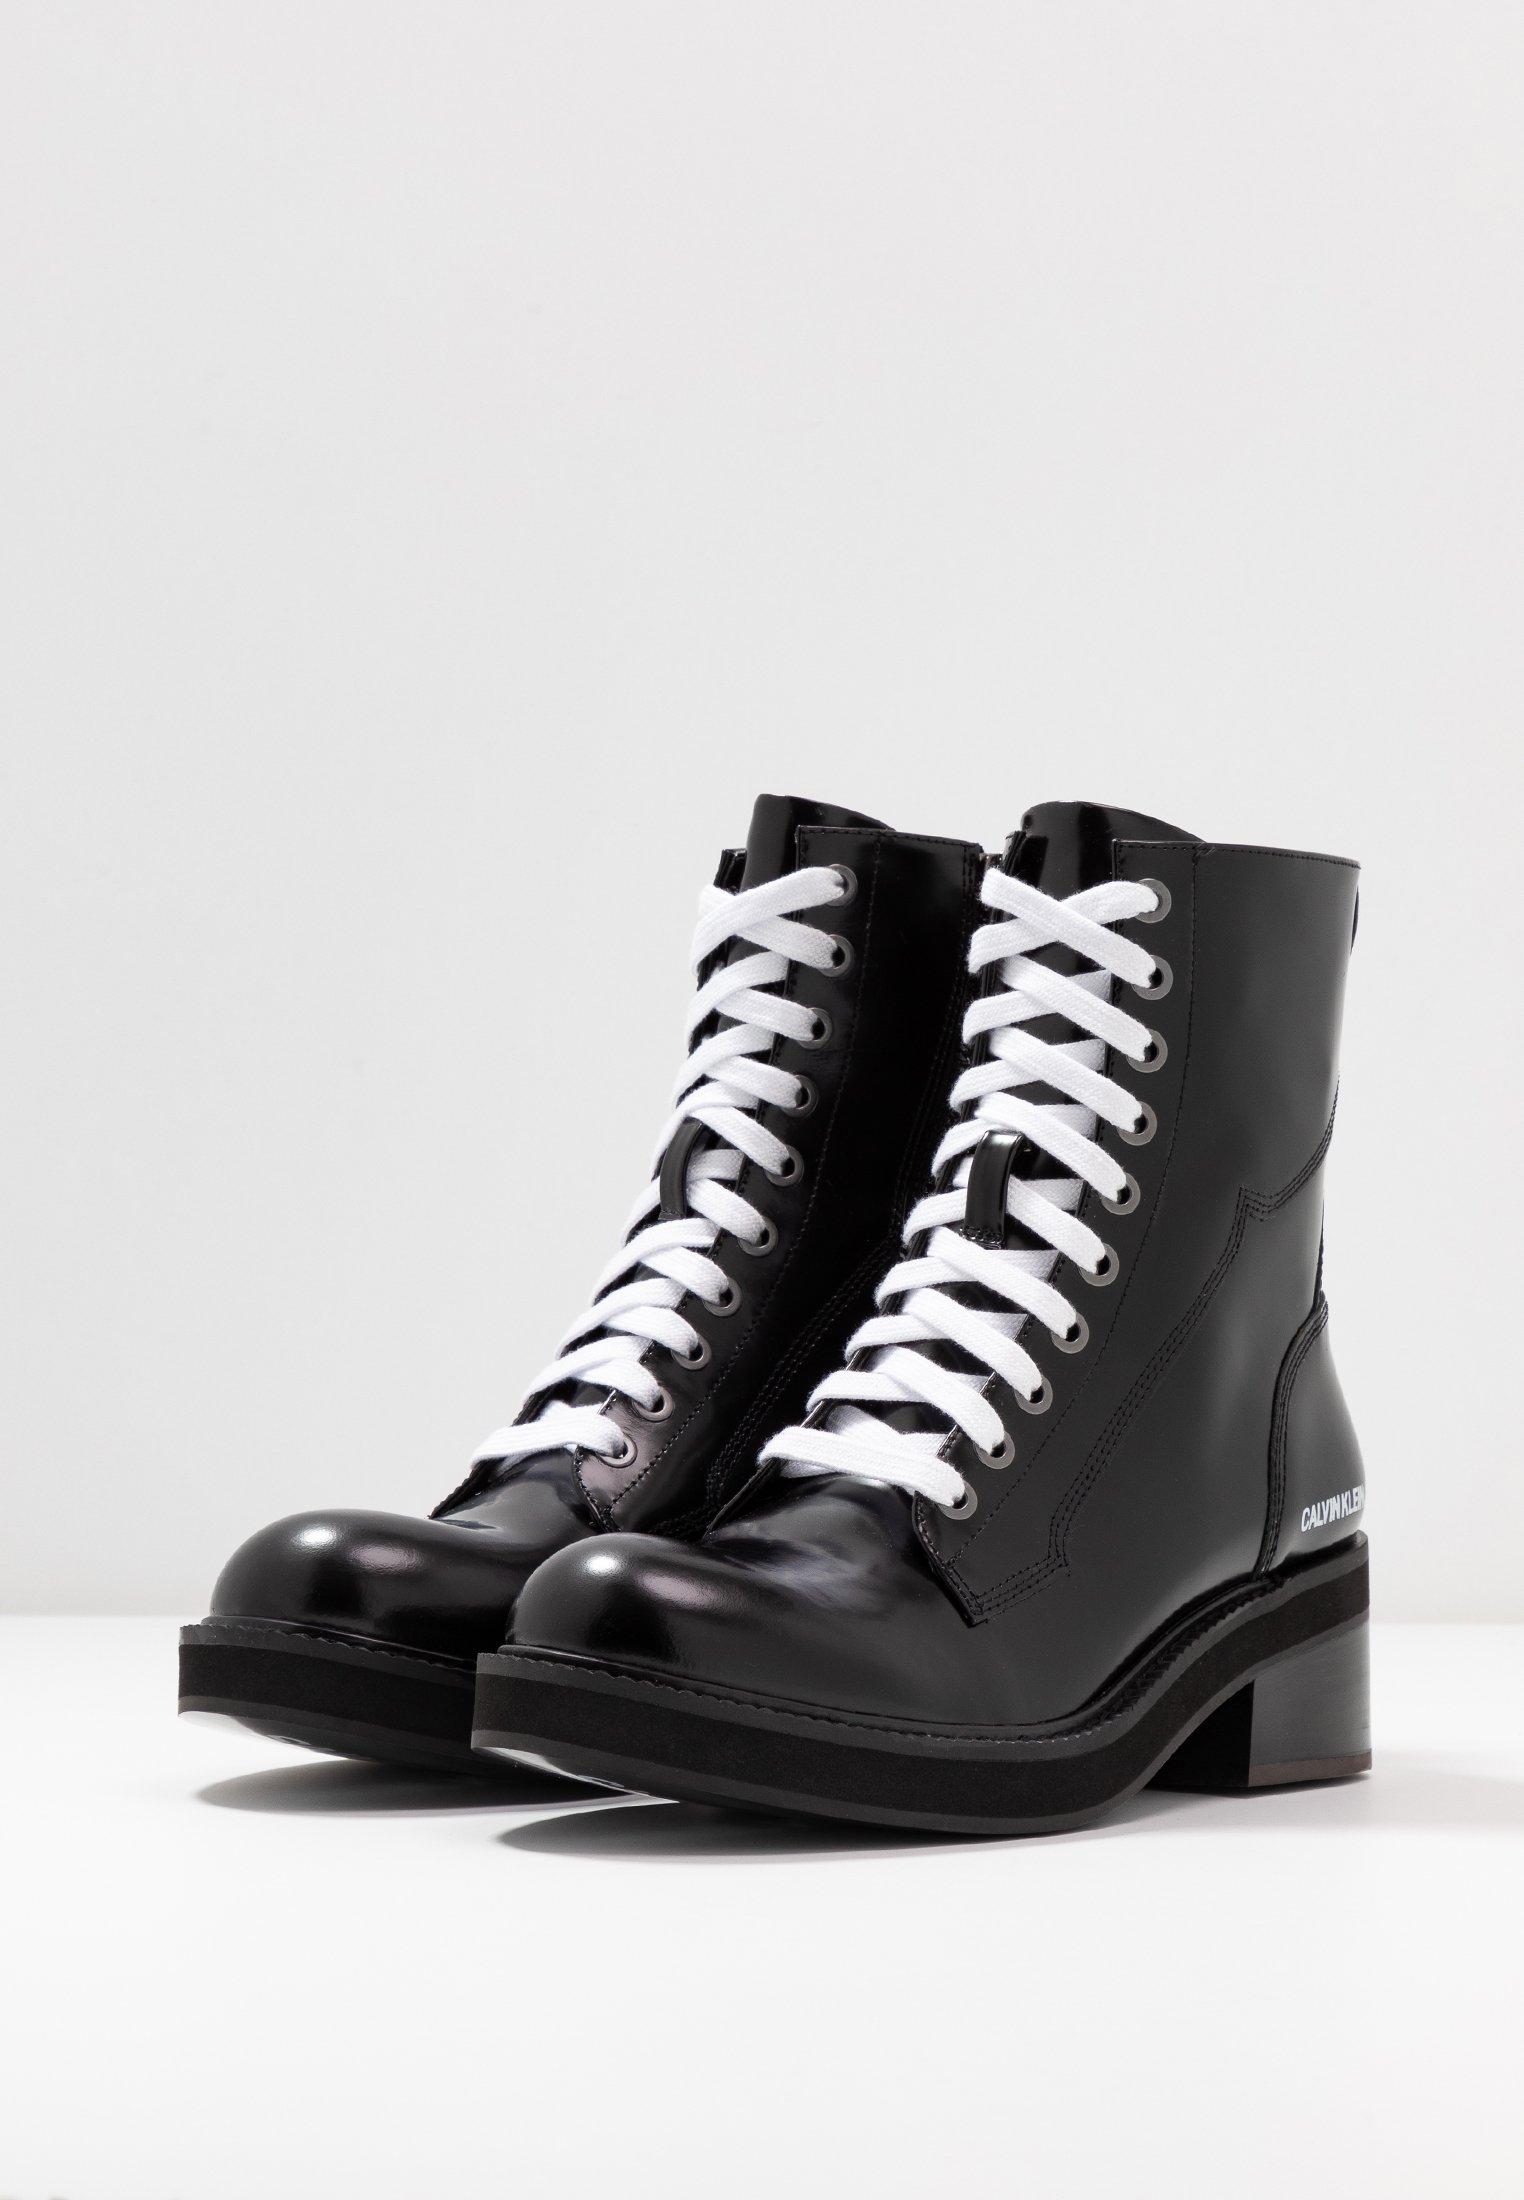 Acquista a buon mercato Scarpe da Donna Calvin Klein Jeans EBBA Stivaletti con plateau black